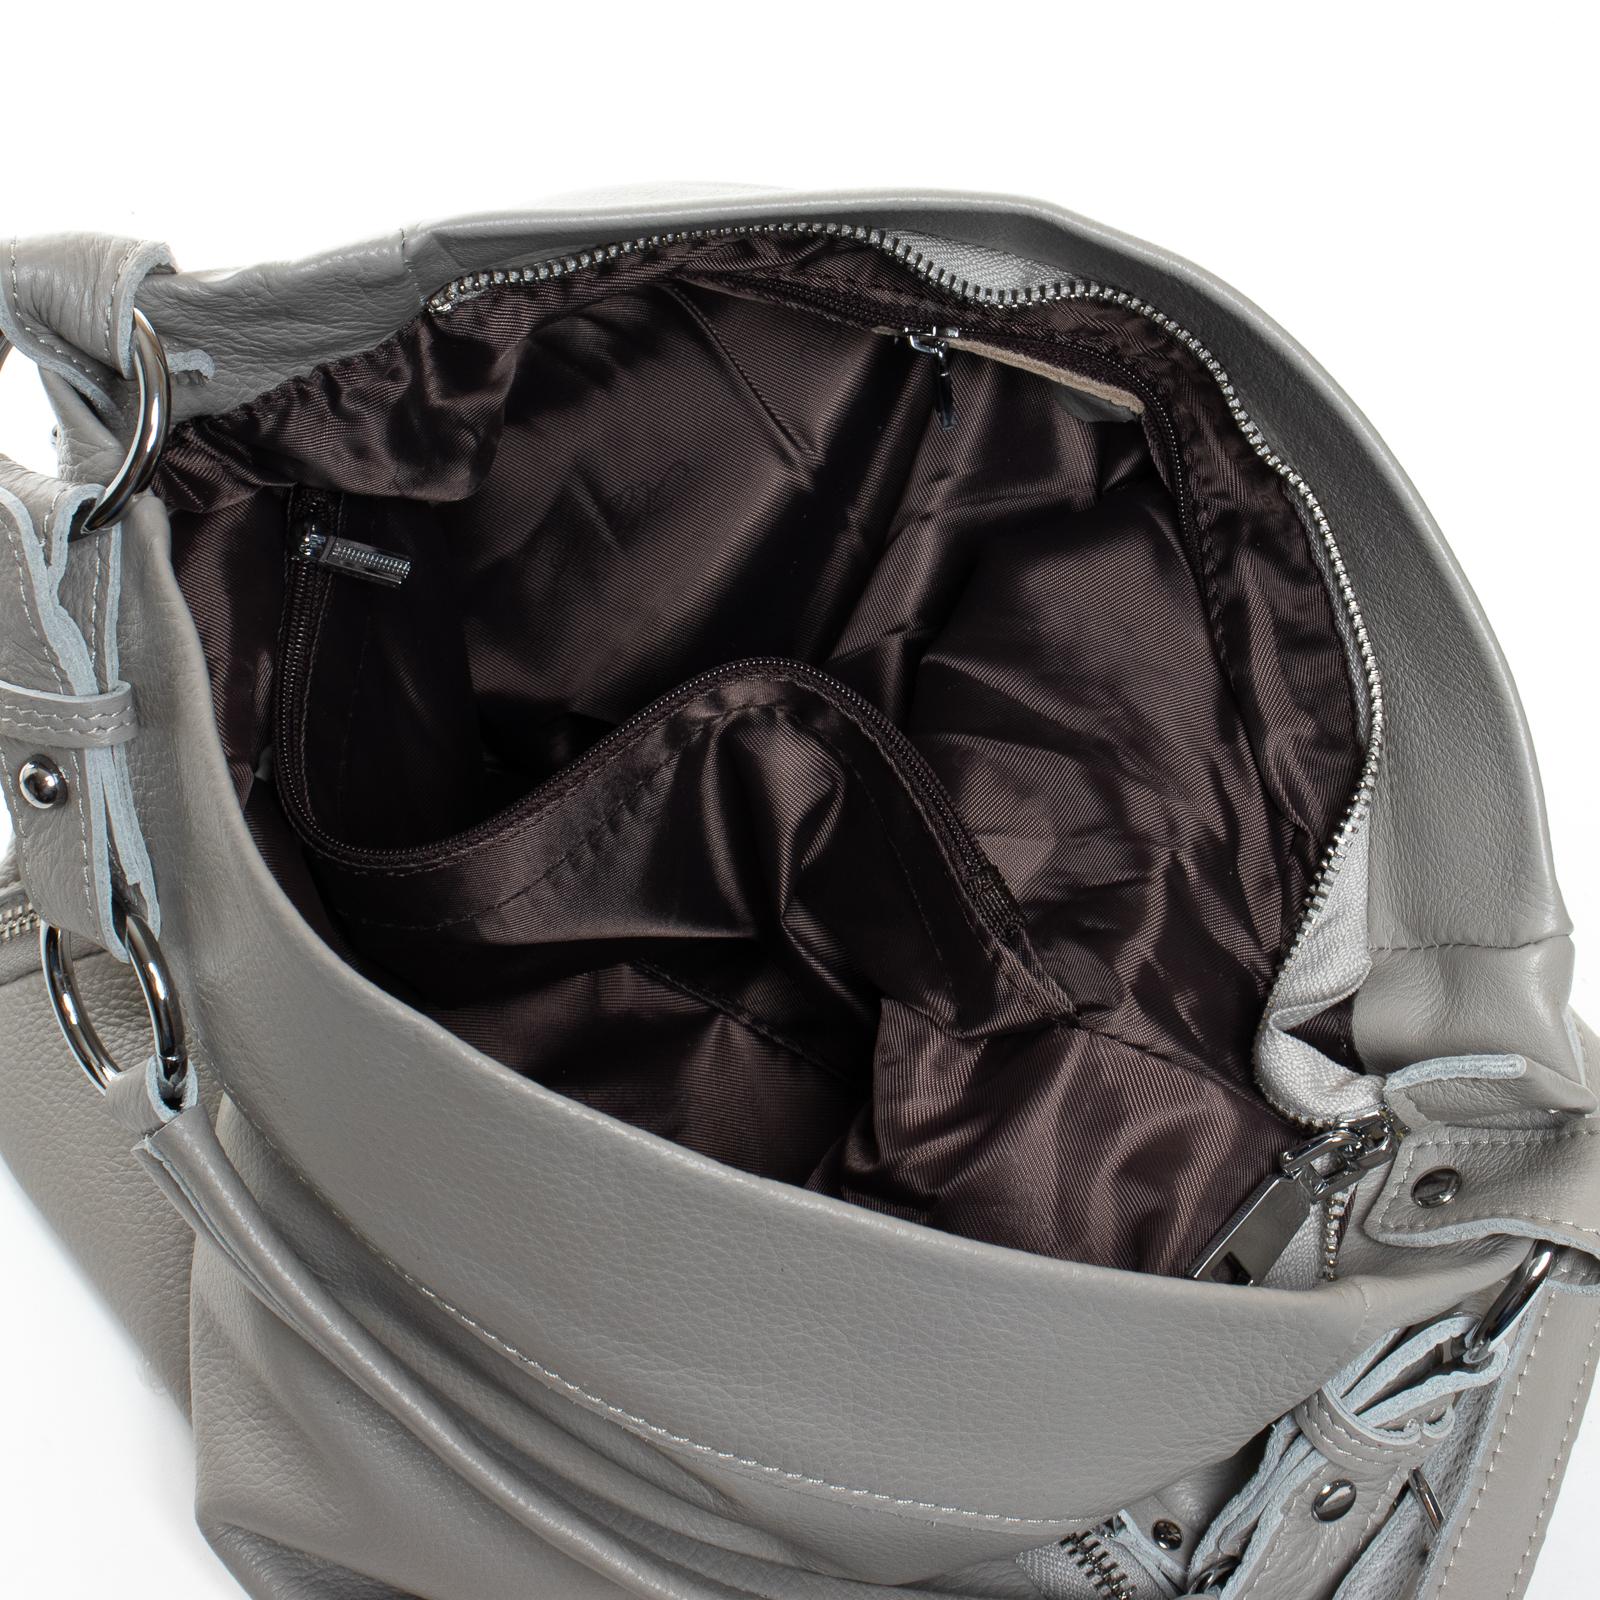 Сумка Женская Классическая кожа ALEX RAI 07-03 8779-9 grey - фото 5